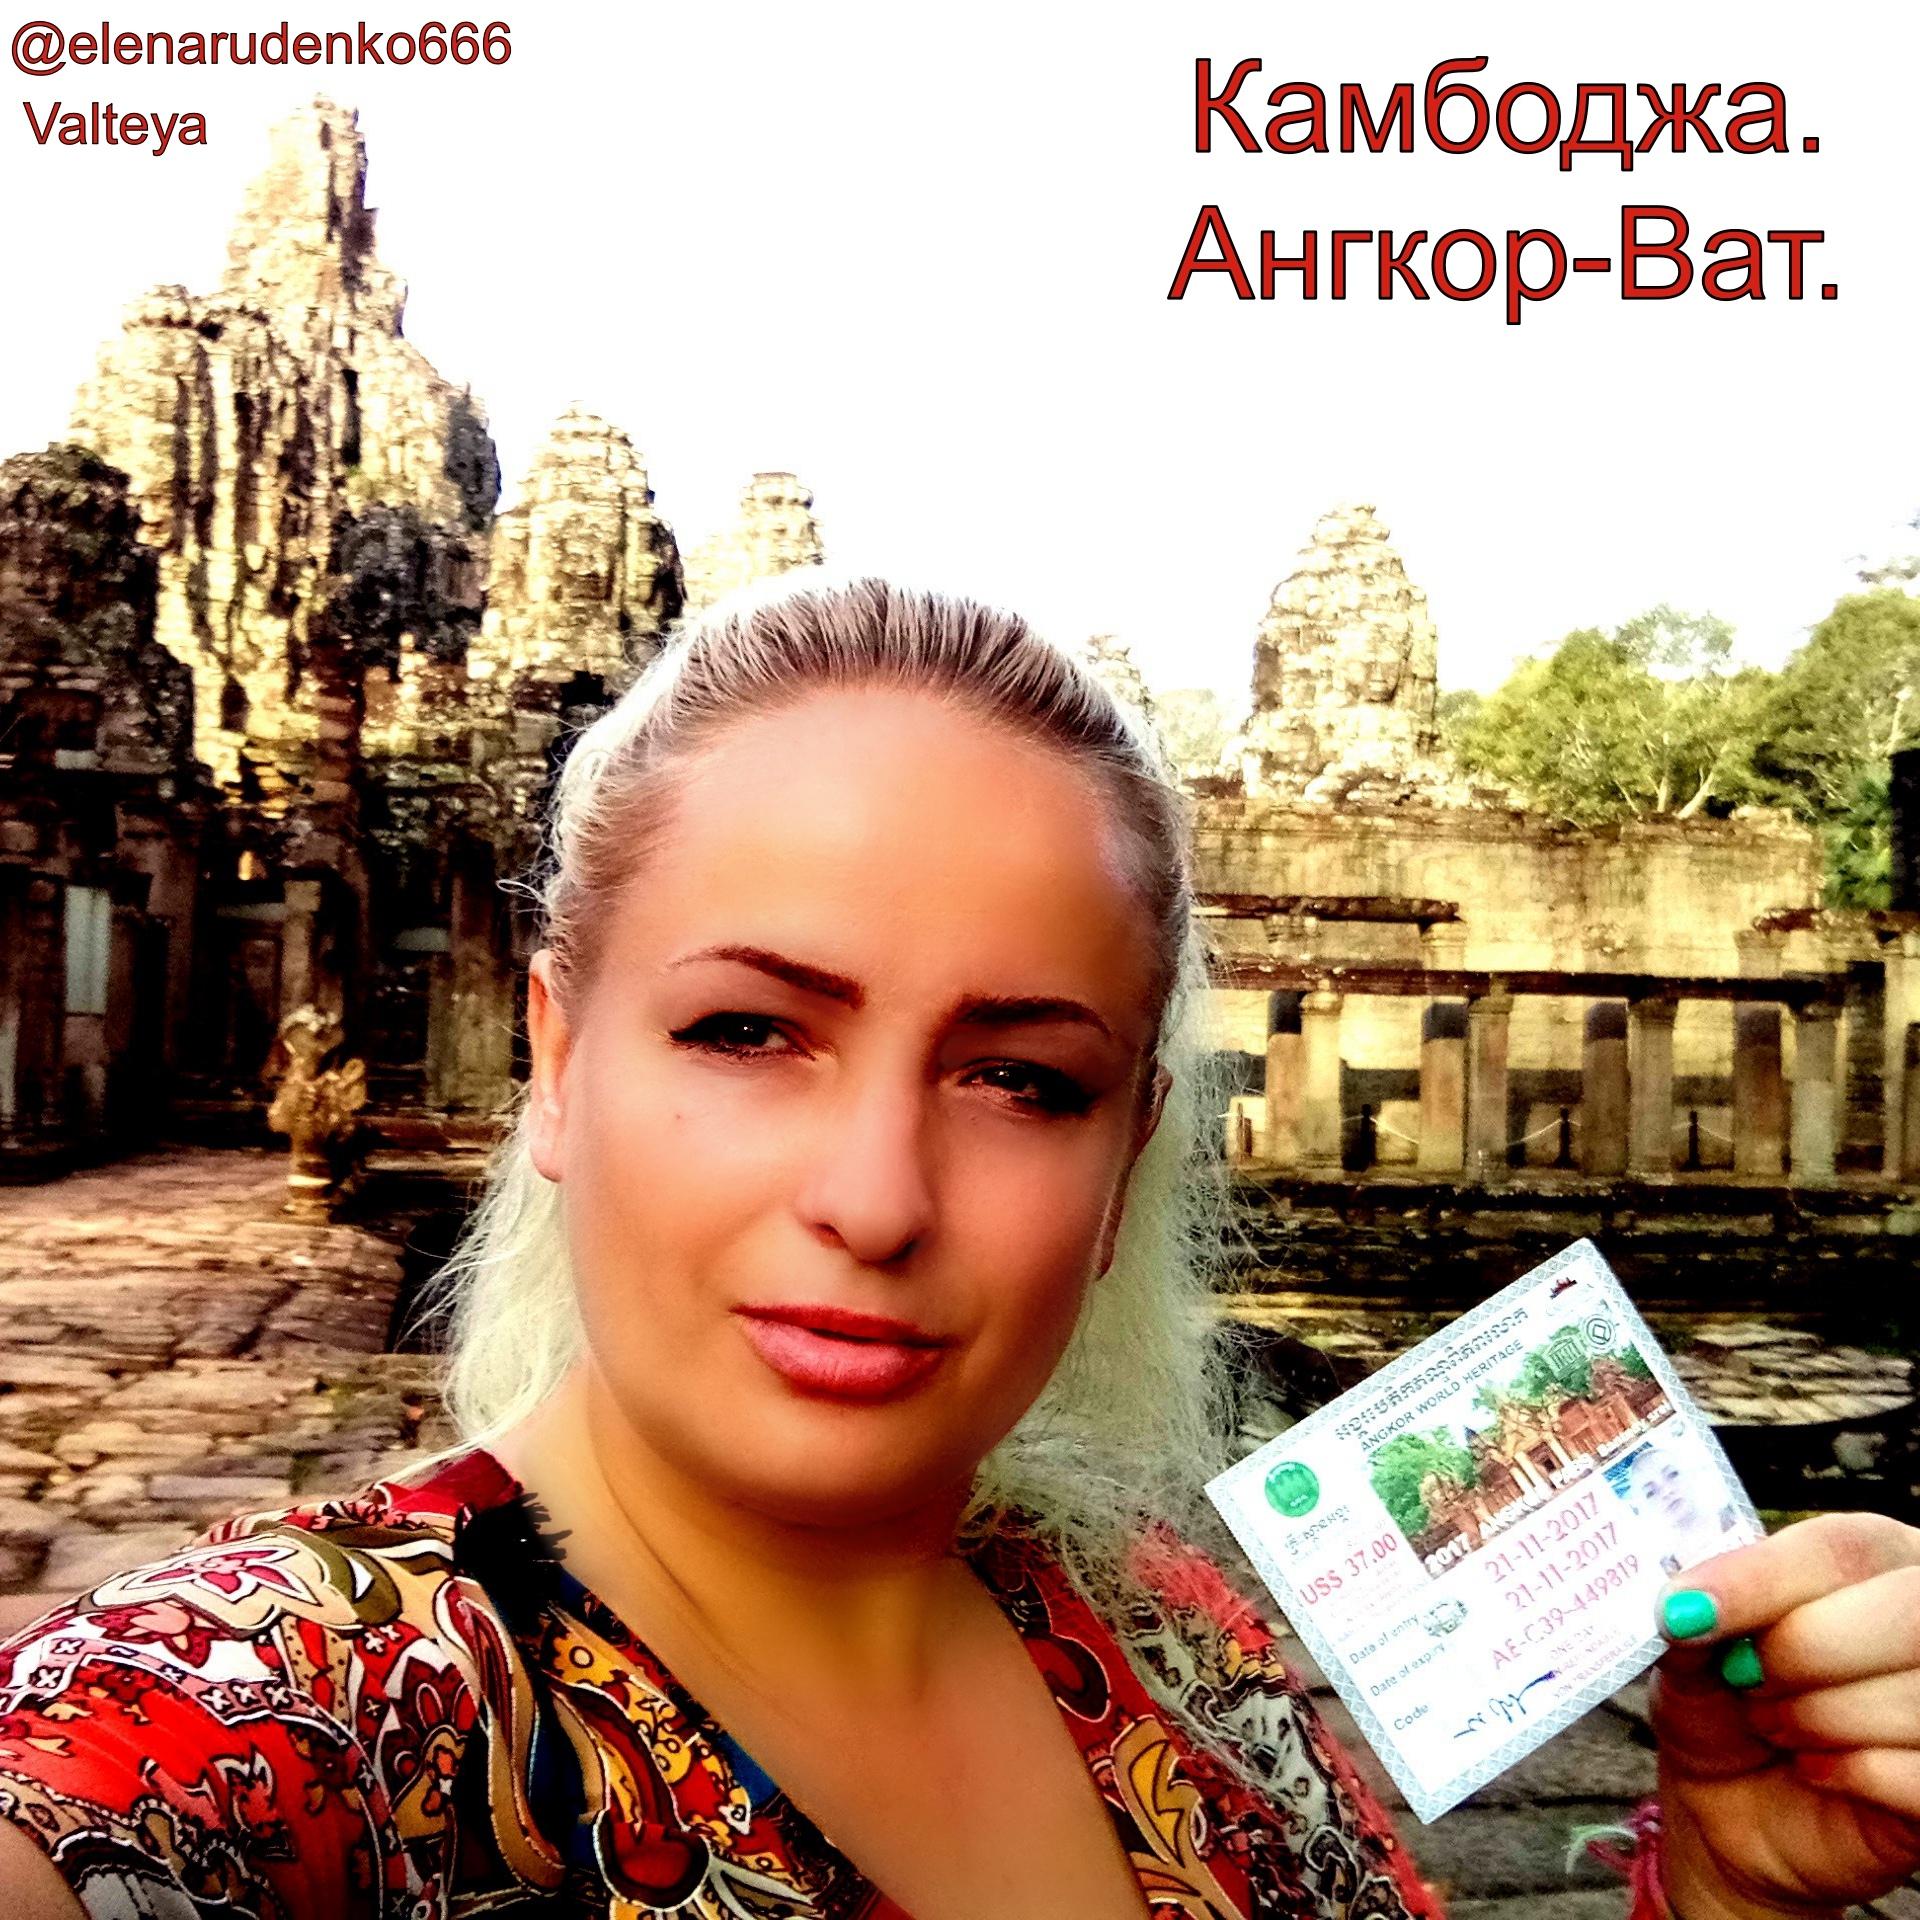 путешествие - Интересные места в которых я побывала (Елена Руденко). 281nPQRW1aM